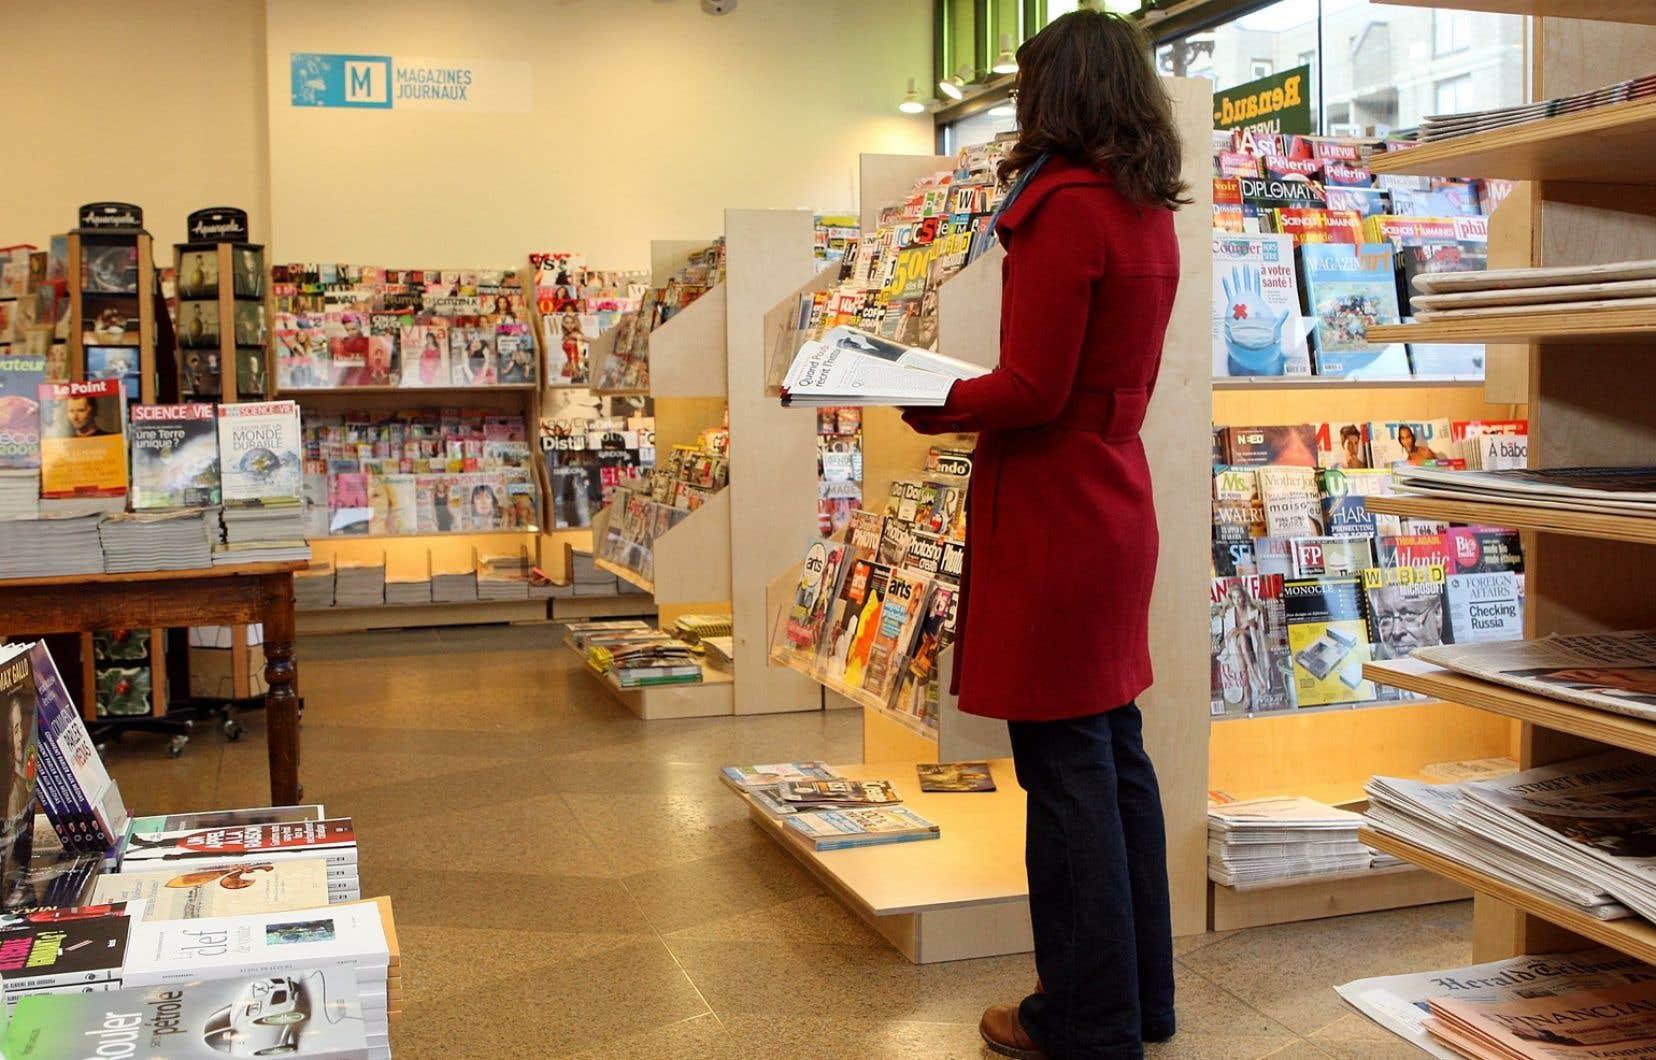 Après <em>Nouveau Projet</em>, les magazines <em>Protégez-vous</em>, <em>Nuit blanche</em>, ainsi que les publications de <em>Vélo Québec</em> (<em>Vélo mag</em>, <em>Géo Plein Air</em>, <em>Québec Science</em>, <em>Vélo urbain</em>) lancent à leur tour un cri d'alarme.